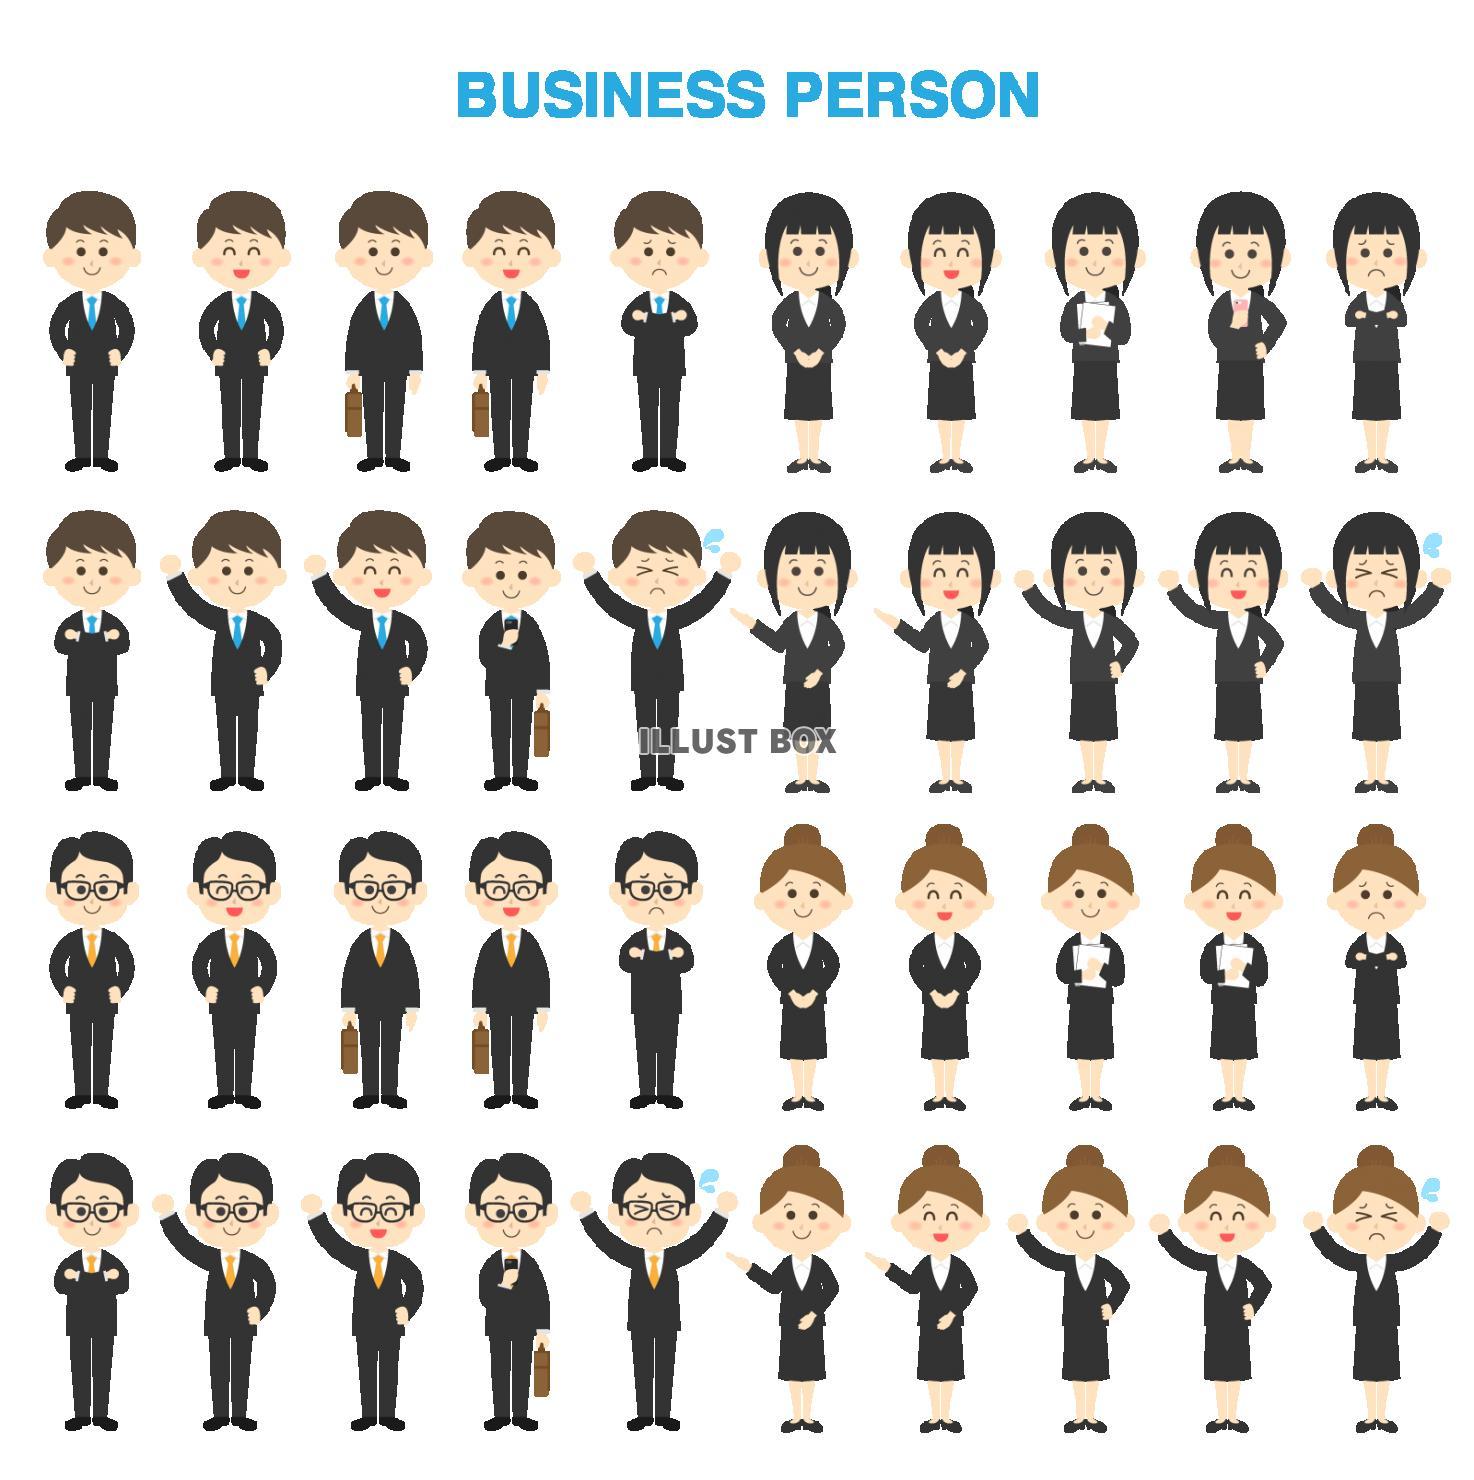 無料イラスト ビジネスマンのイラストセット